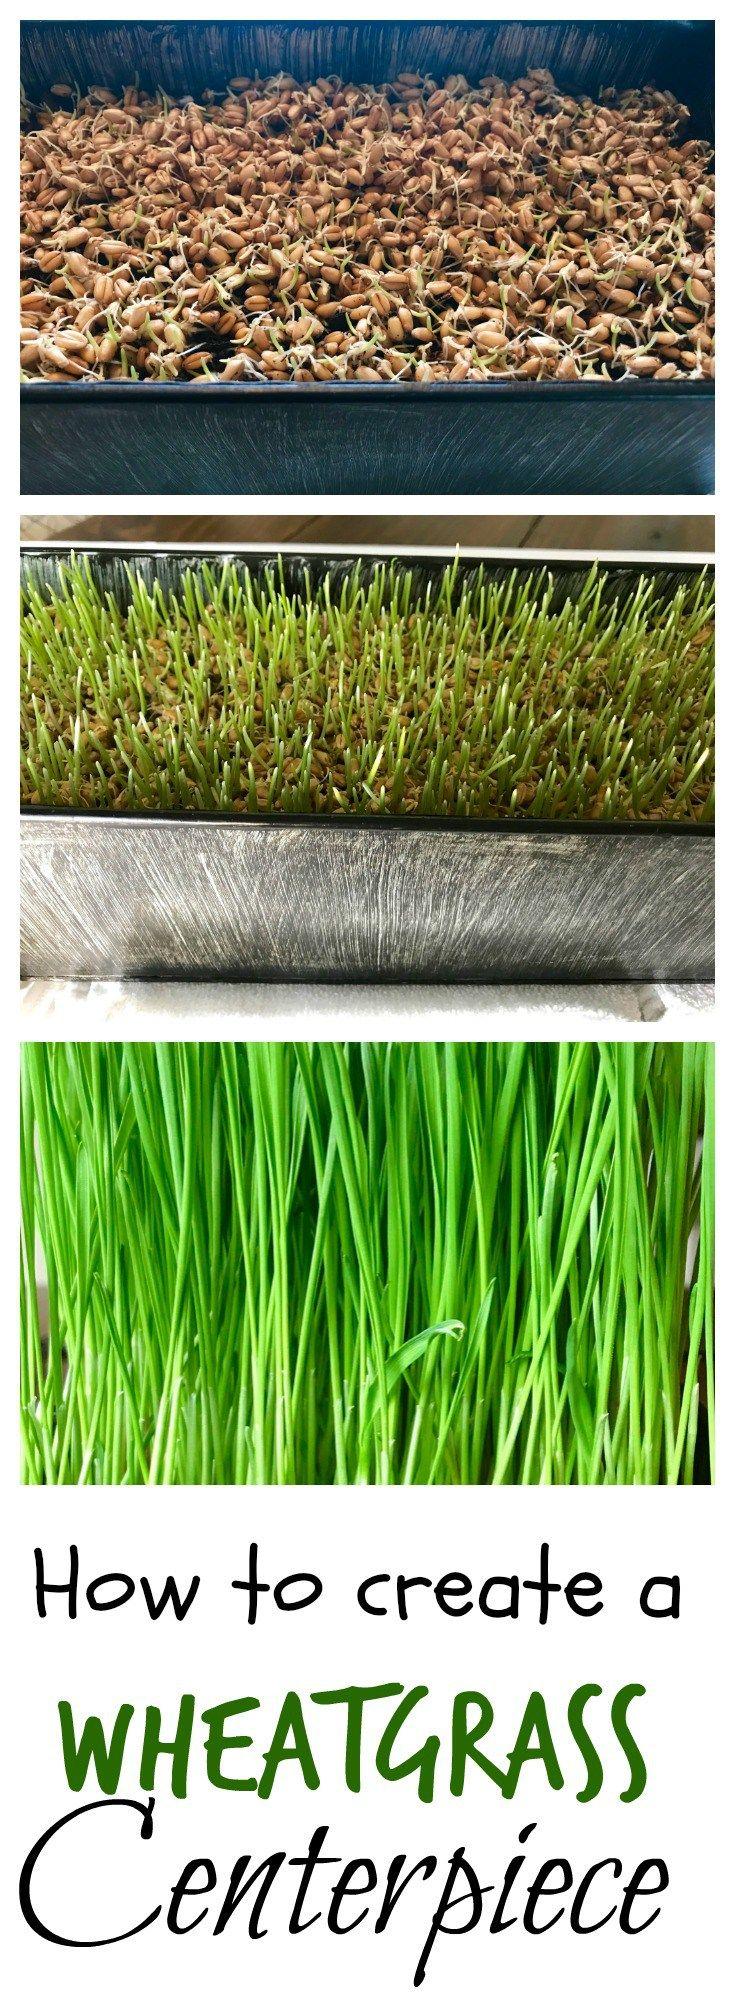 DIY + grow + wheatgrass + seeds + grass + Easter grass